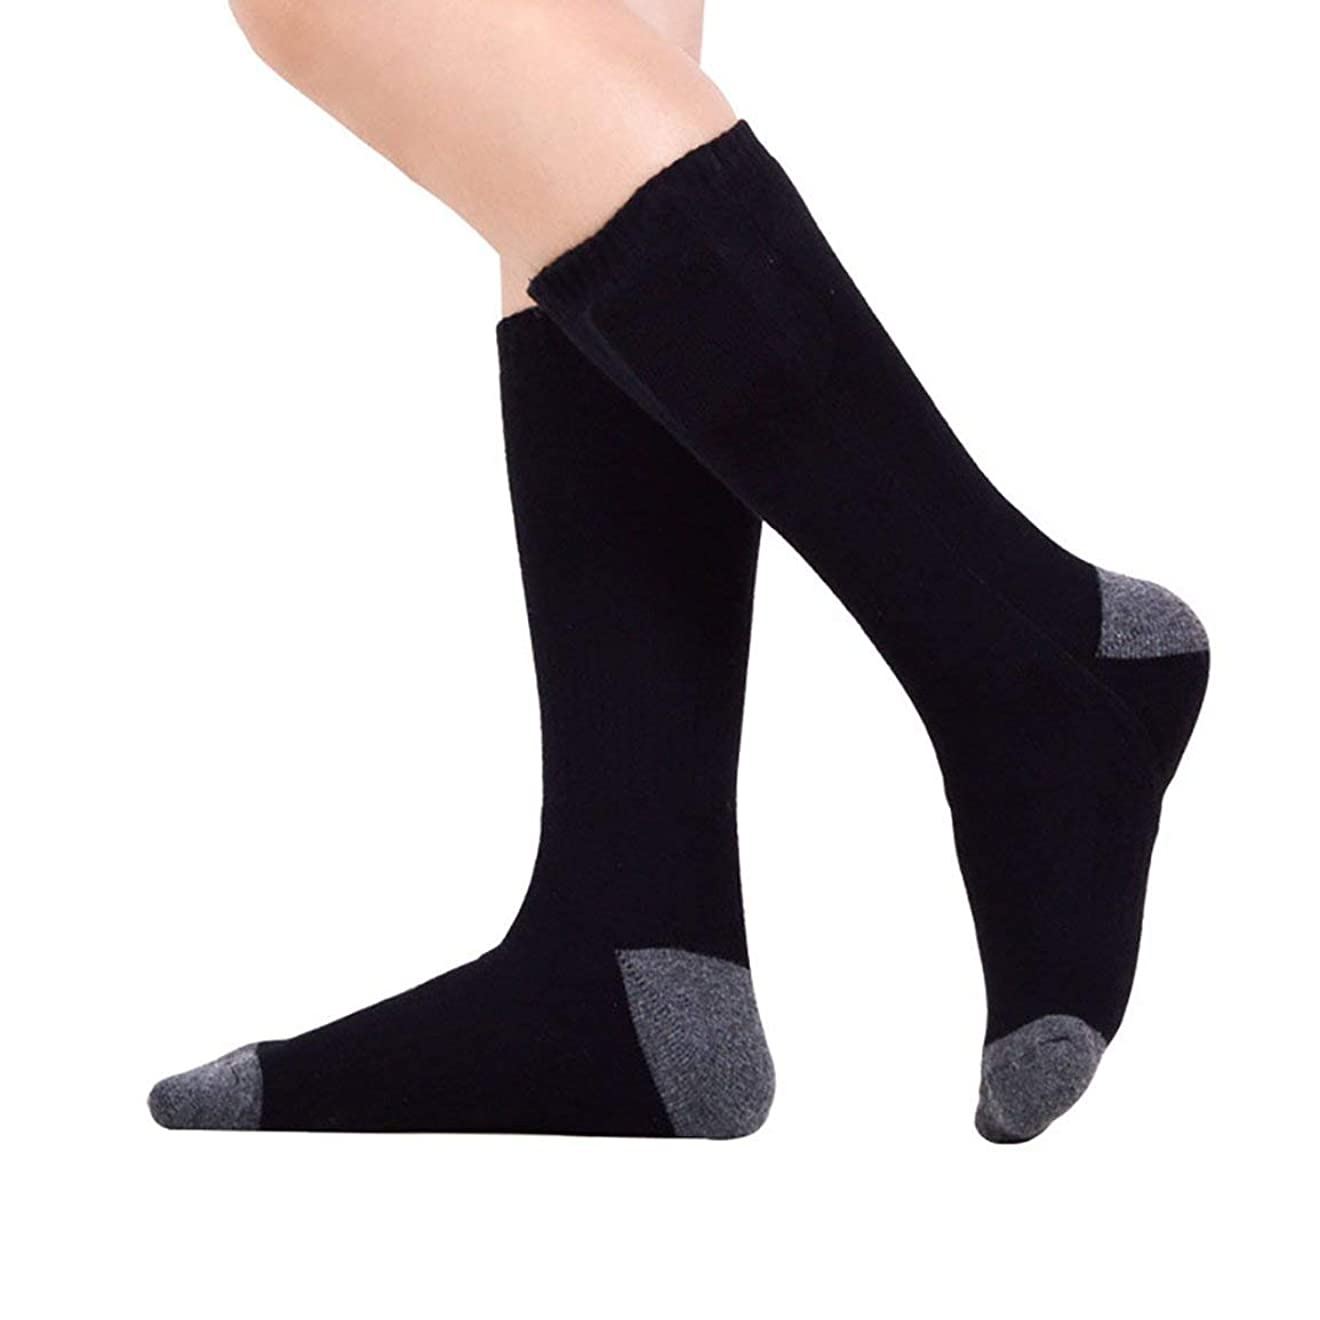 平和逆に腹部温度調節可能なリチウム電池暖かい靴下を加熱する男性と女性を加熱する暖かい靴下を充電する暖かいホットソックス-ブラック